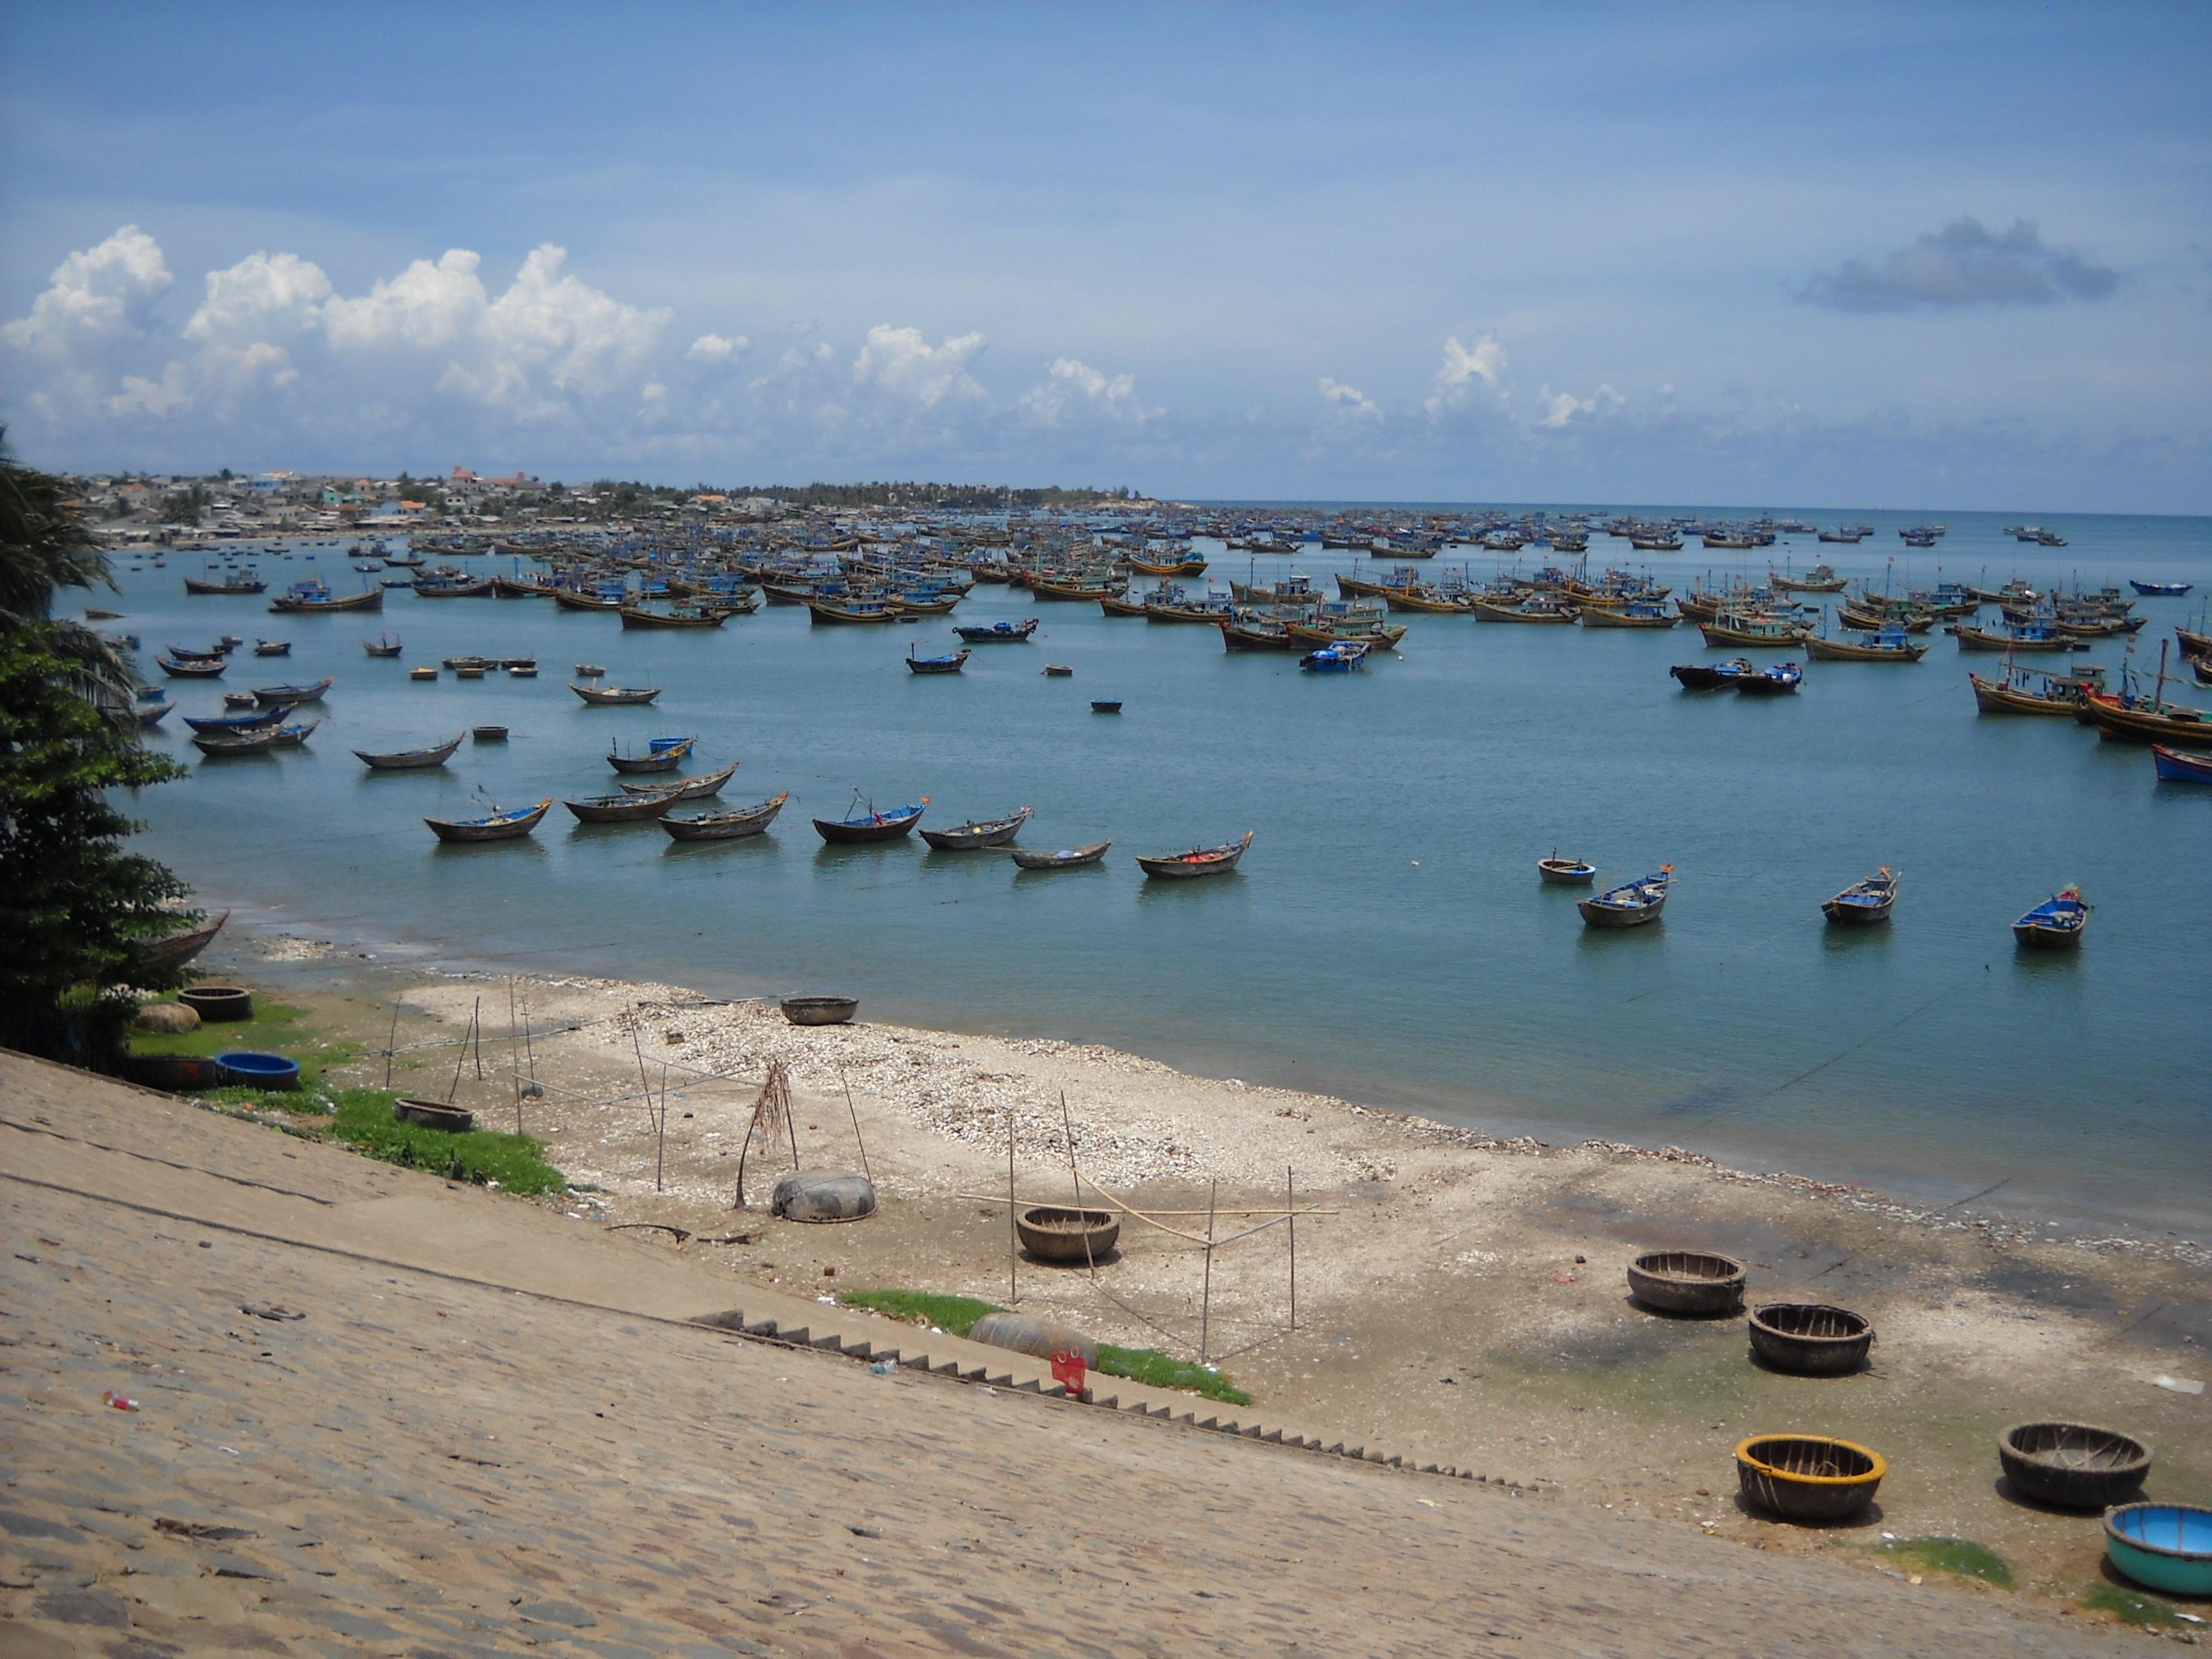 Bán nhớt Castrol chính hãng tại Bình Thuận